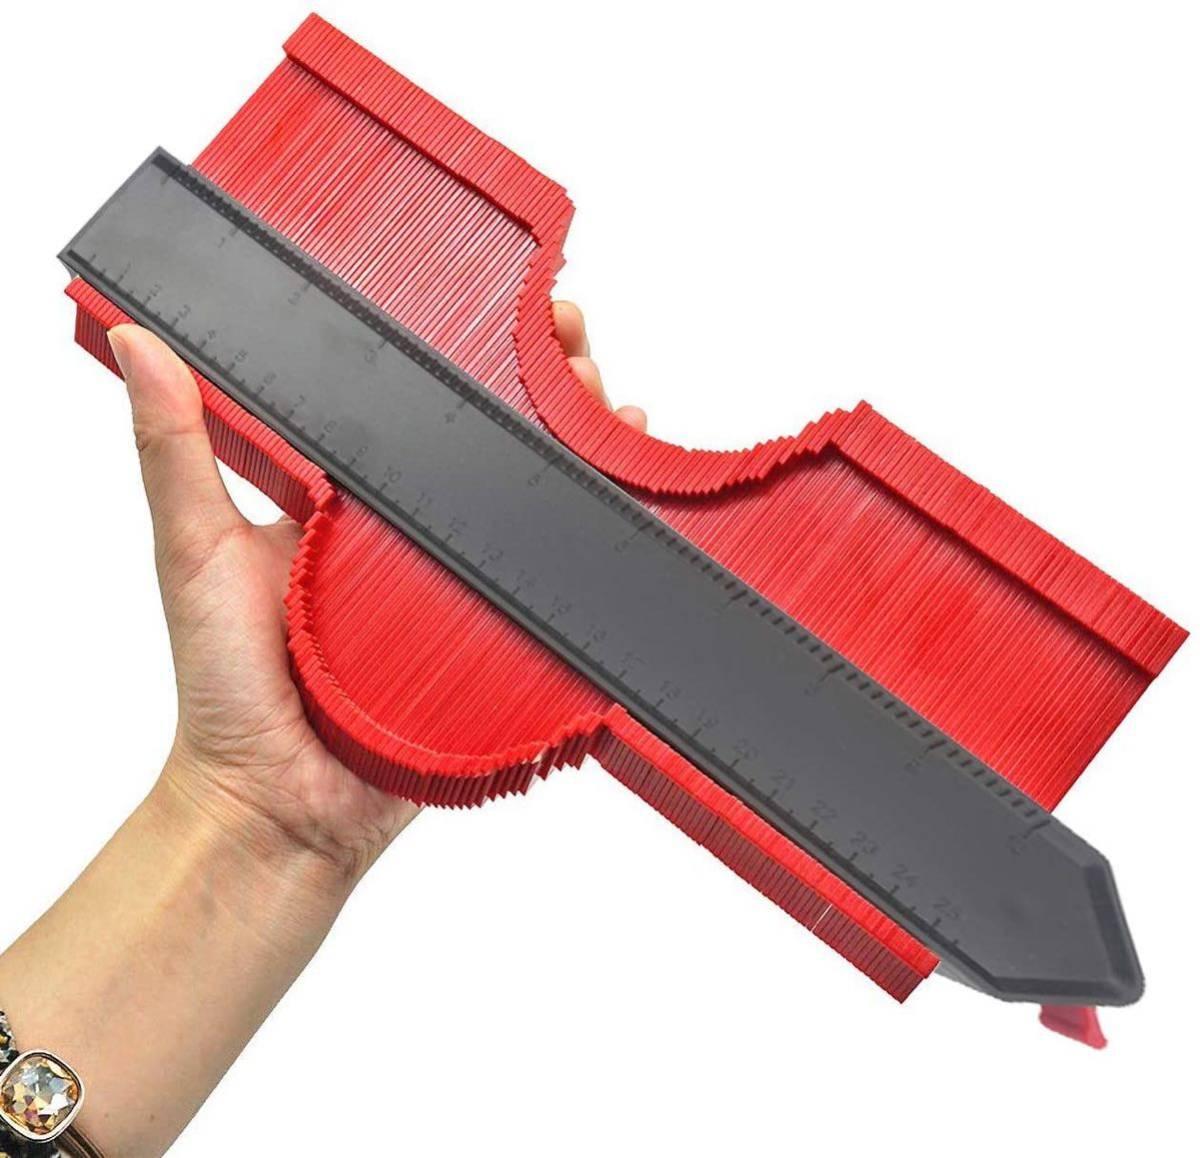 新品 型取りゲージ 250mm コンターゲージ ロック付き, 幅広 測定ゲージ 曲線定規 DIY用測定工具 不規則な測定器 (レッド)_画像3